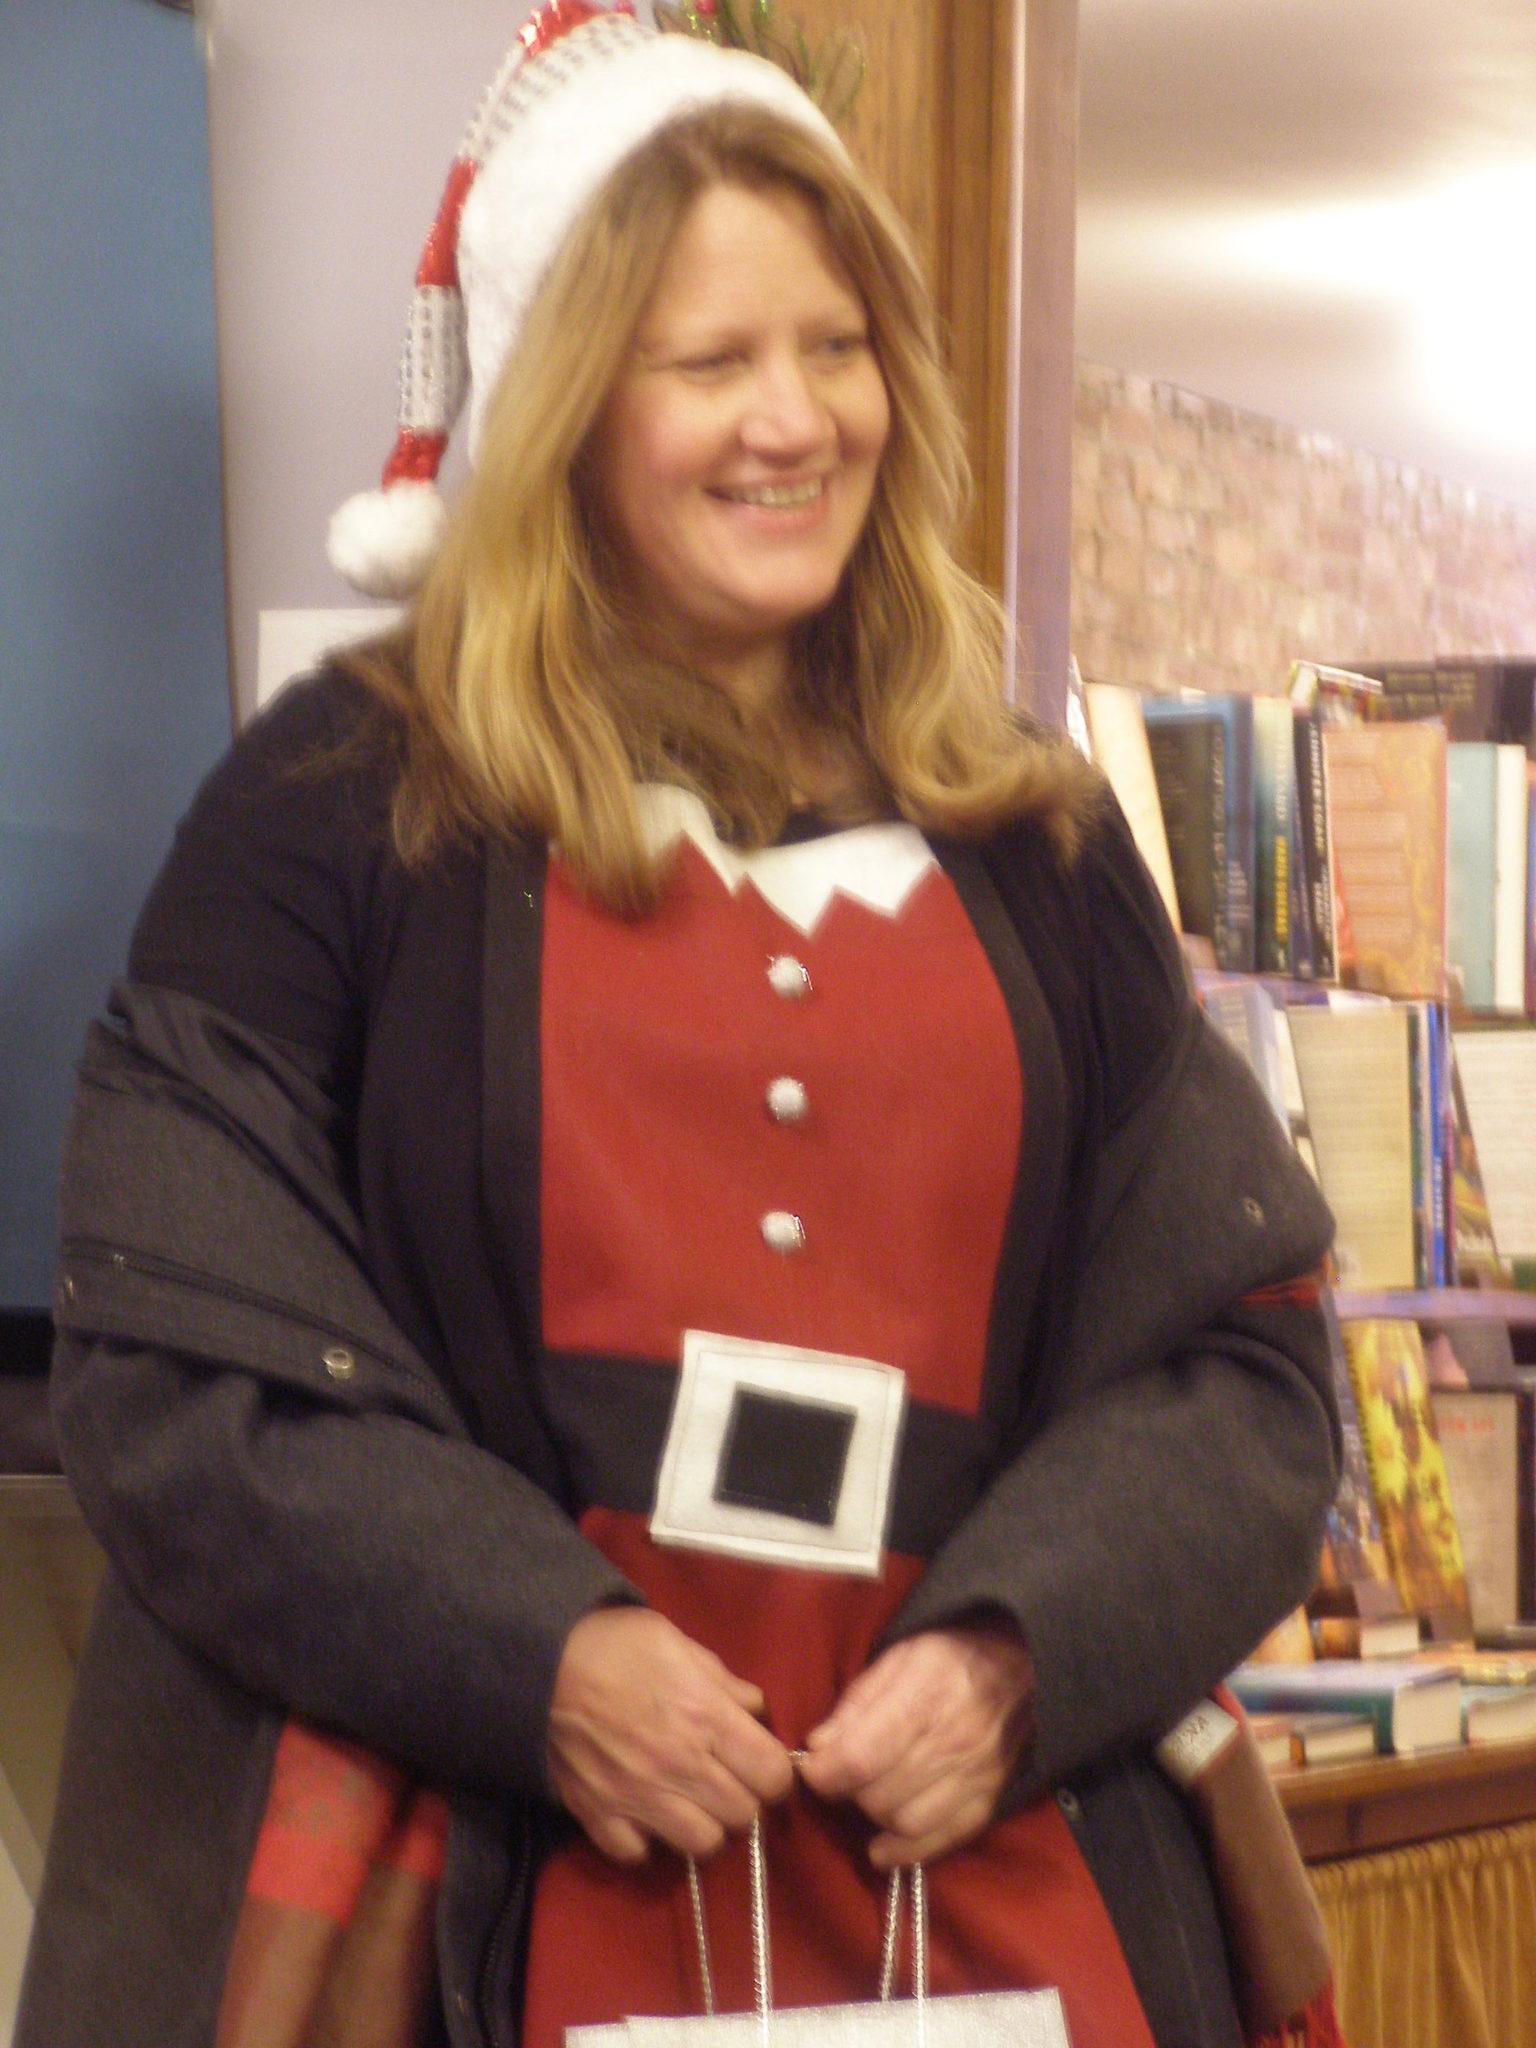 Cathi Bruneau is one of Santa's Helpers